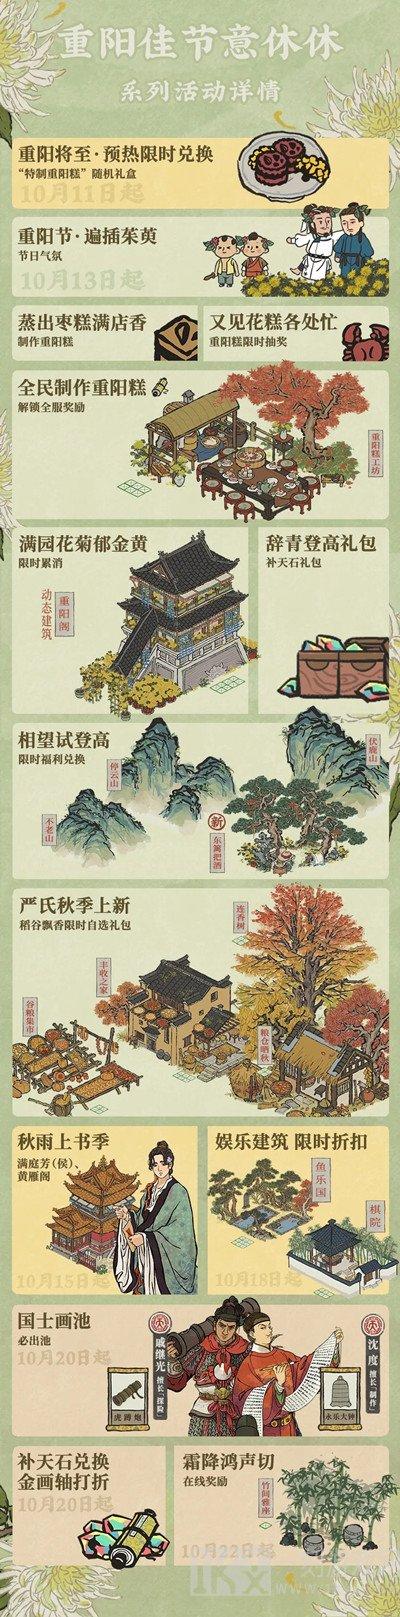 江南百景图重阳节活动具体内容  2021重阳佳节意休休活动公告内容